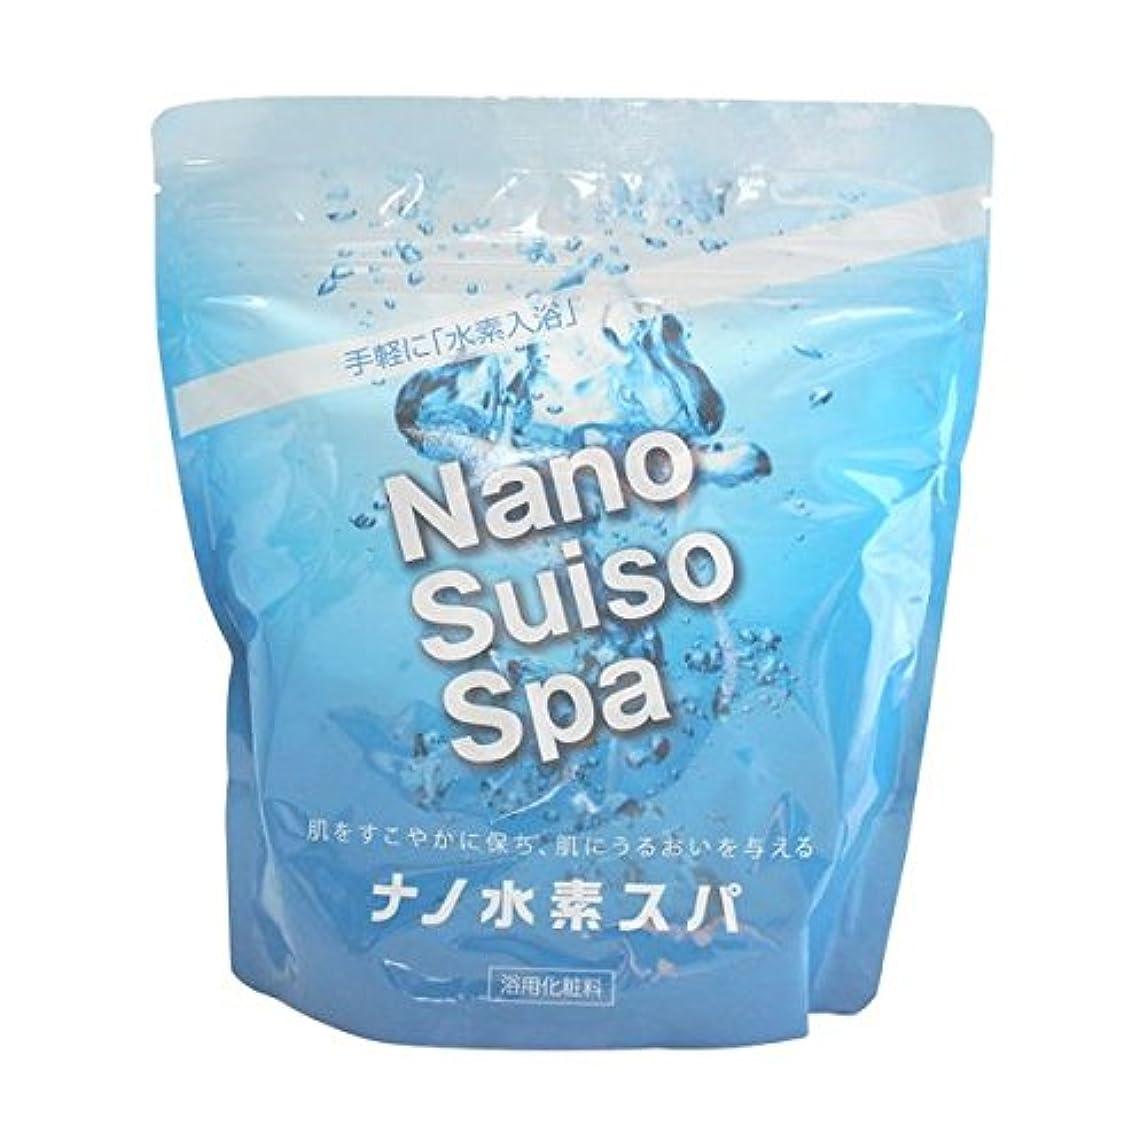 日食トリプルビデオ【お徳用 3 セット】 ナノ水素スパ 1000g×3セット